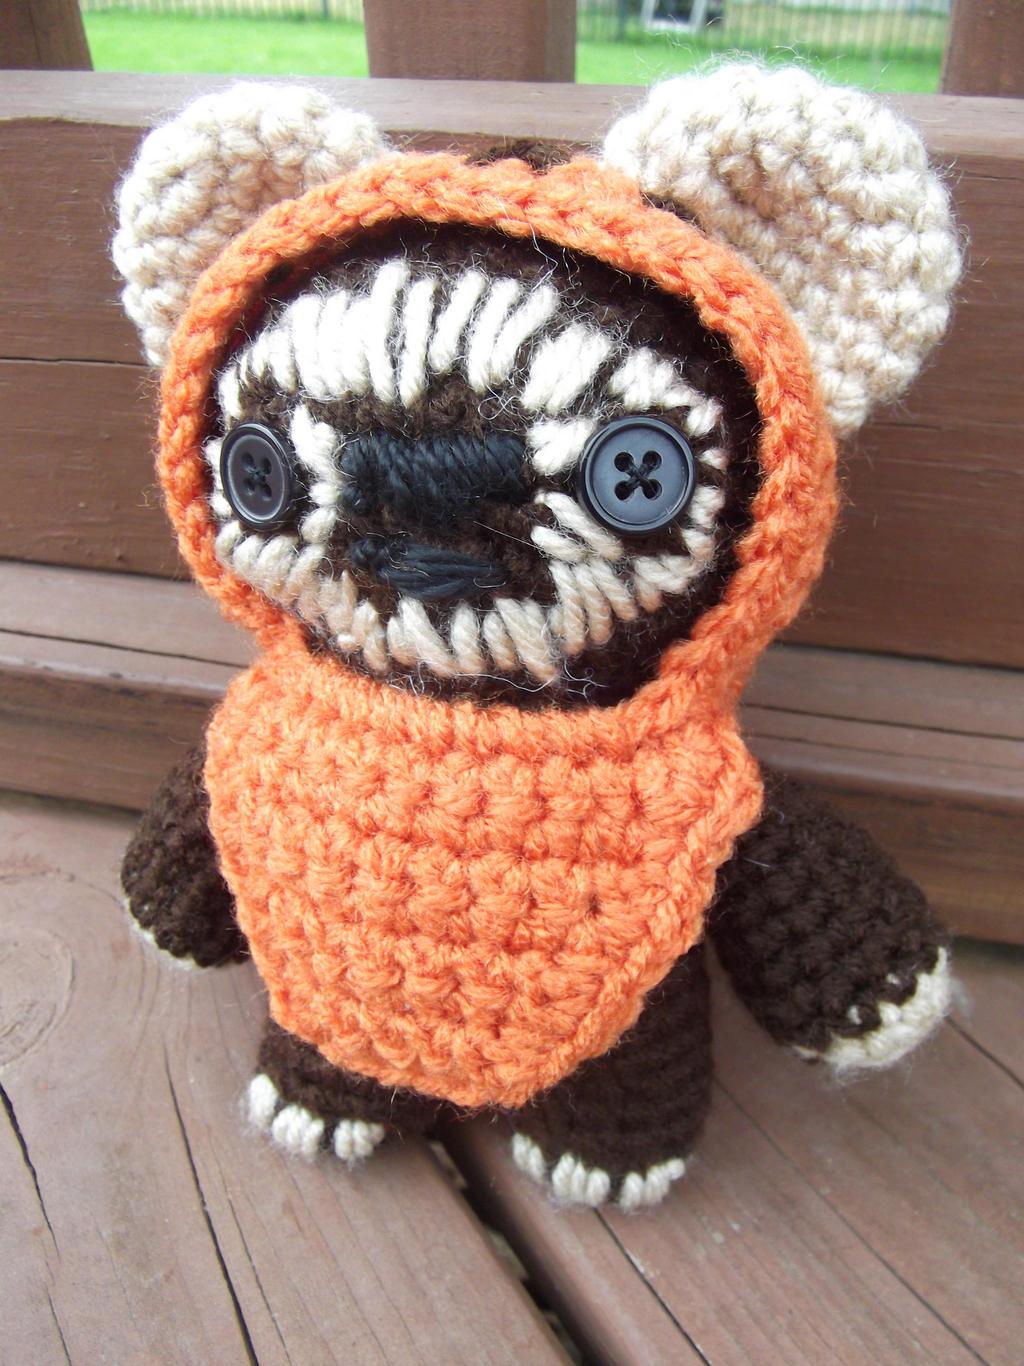 Ewok Crochet Amigurumi : Ewok Amigurumi by Geisha-Neko on deviantART